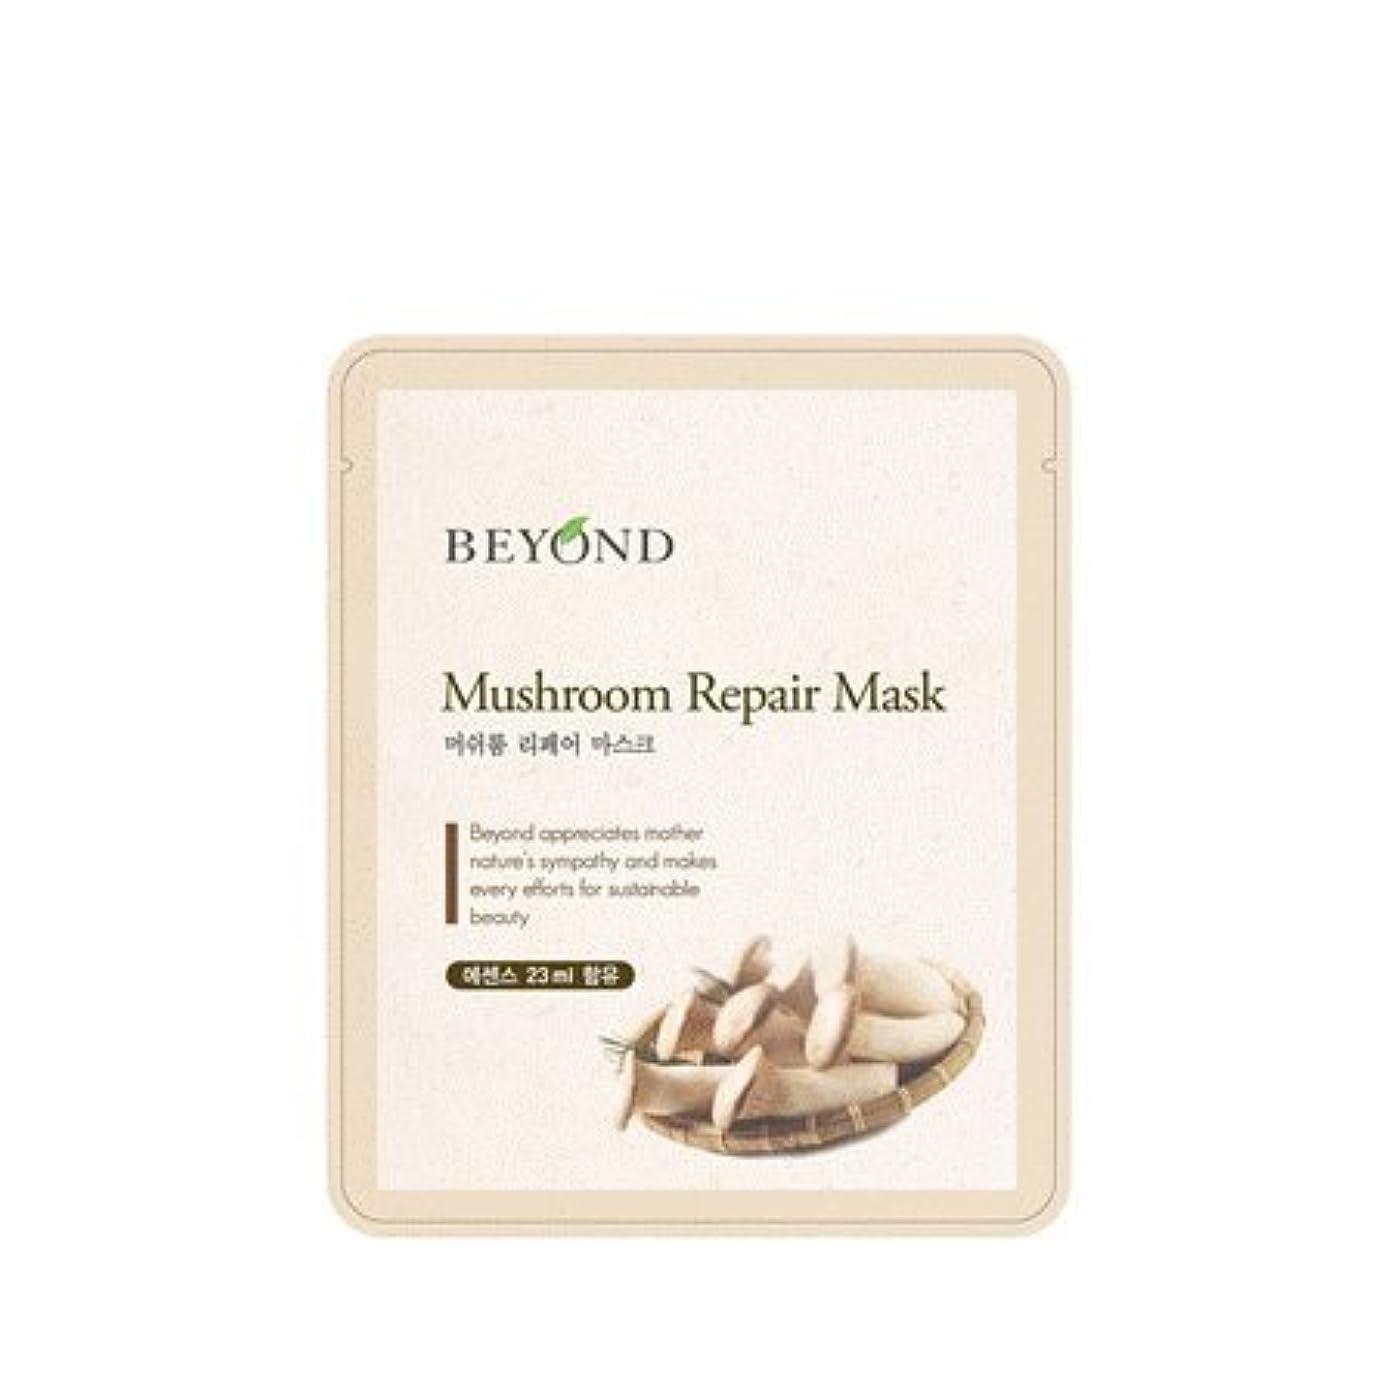 中世の歌温室Beyond mask sheet 5ea (Mushroom Repair Mask)